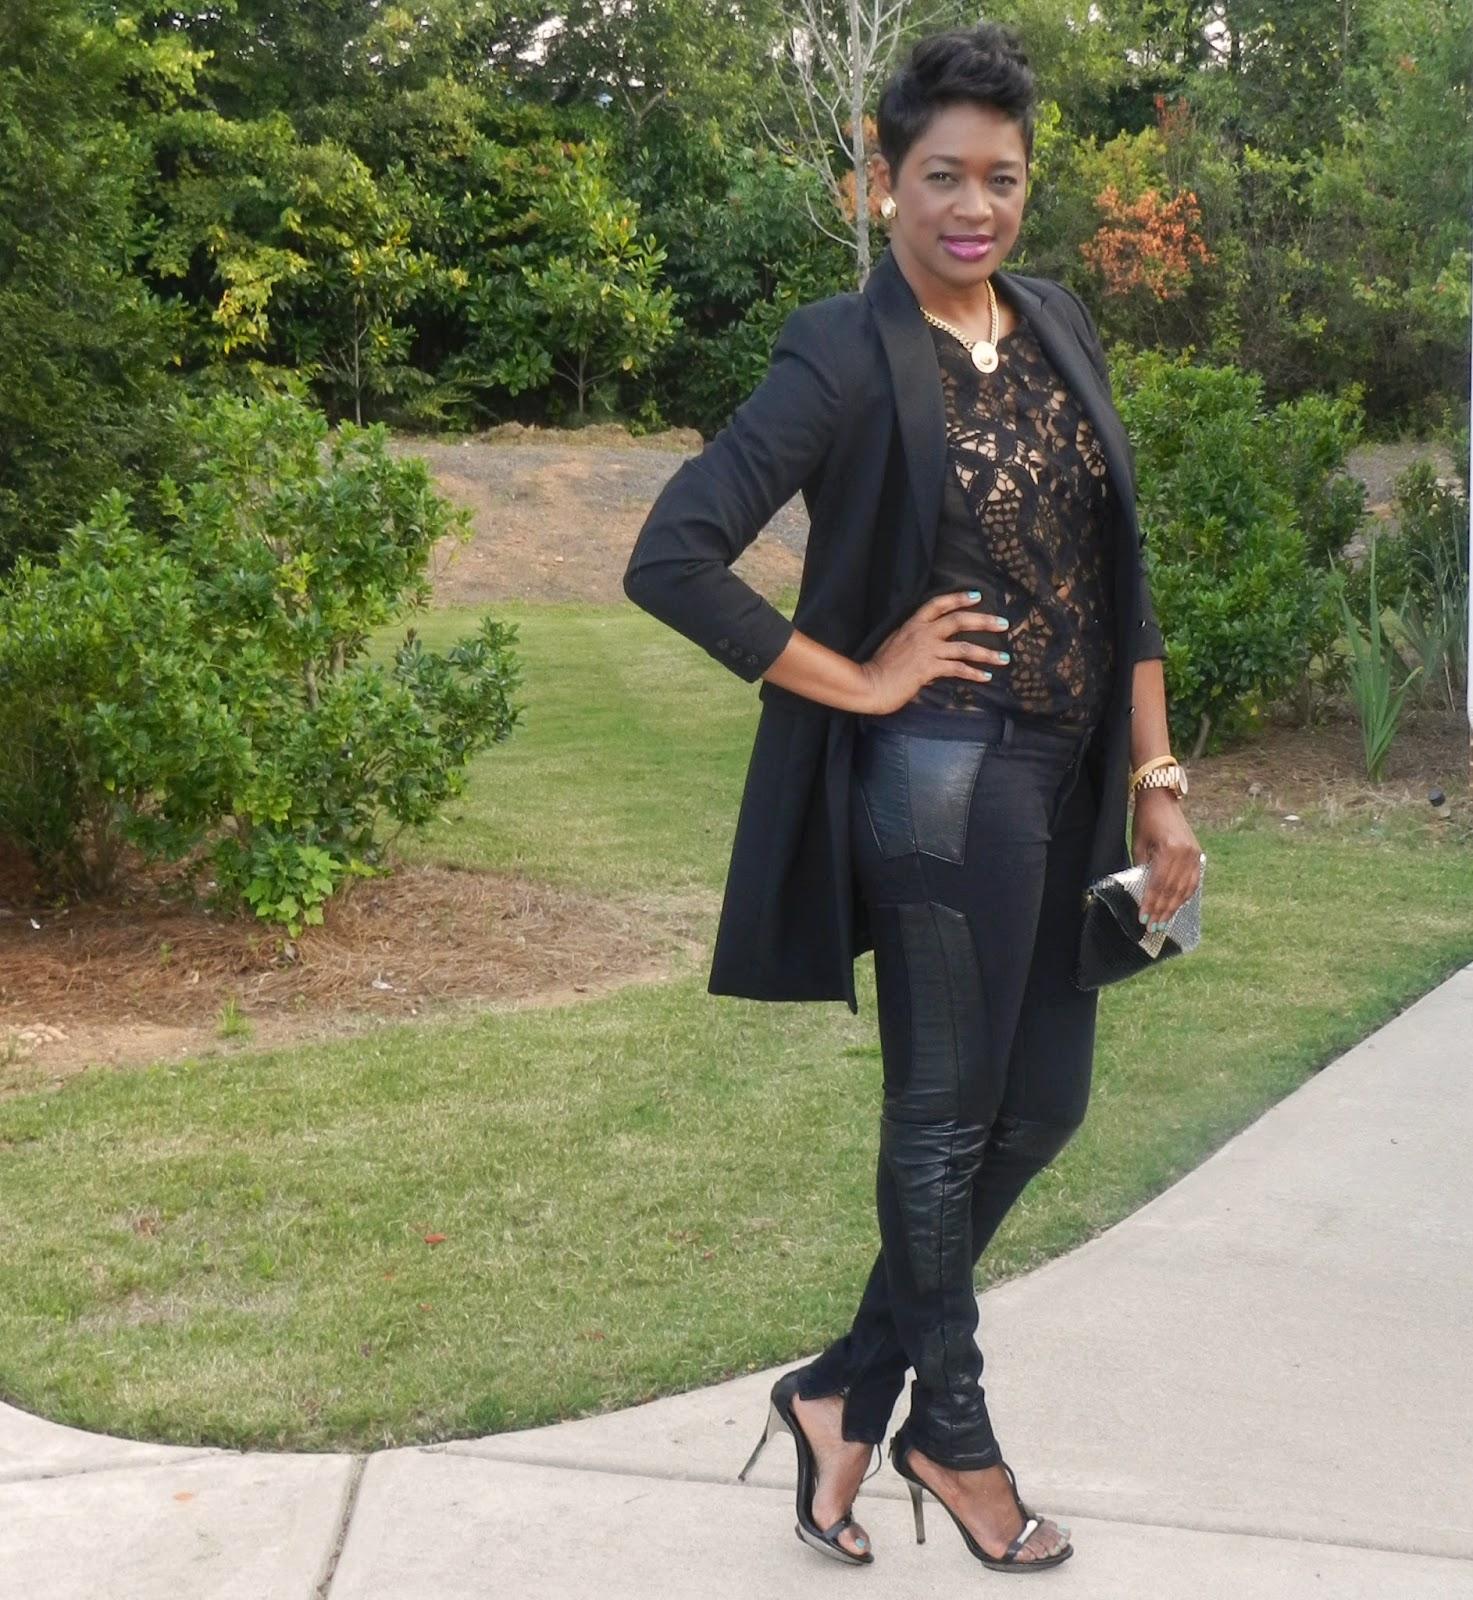 Bcbg Black Lace Shoes